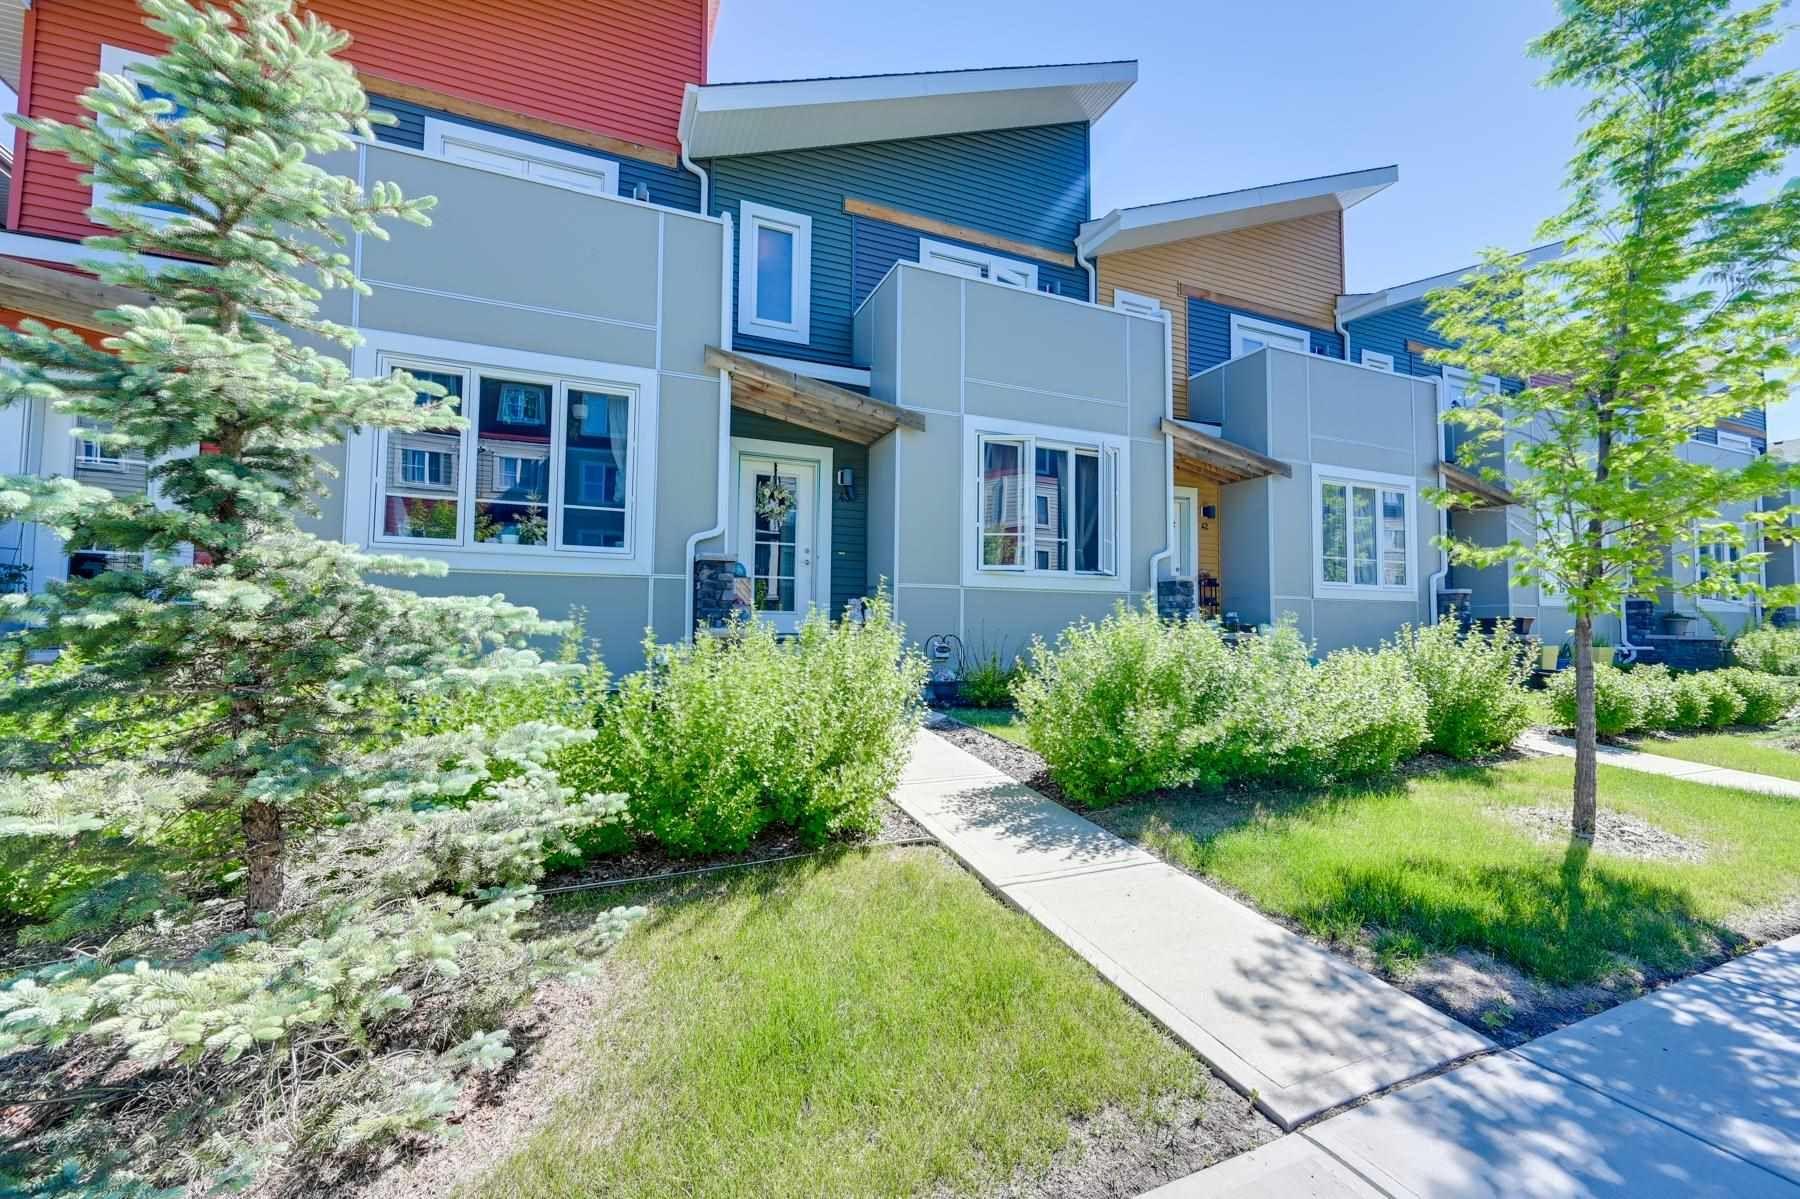 Main Photo: 43 1480 Watt Drive in Edmonton: Zone 53 Townhouse for sale : MLS®# E4250367